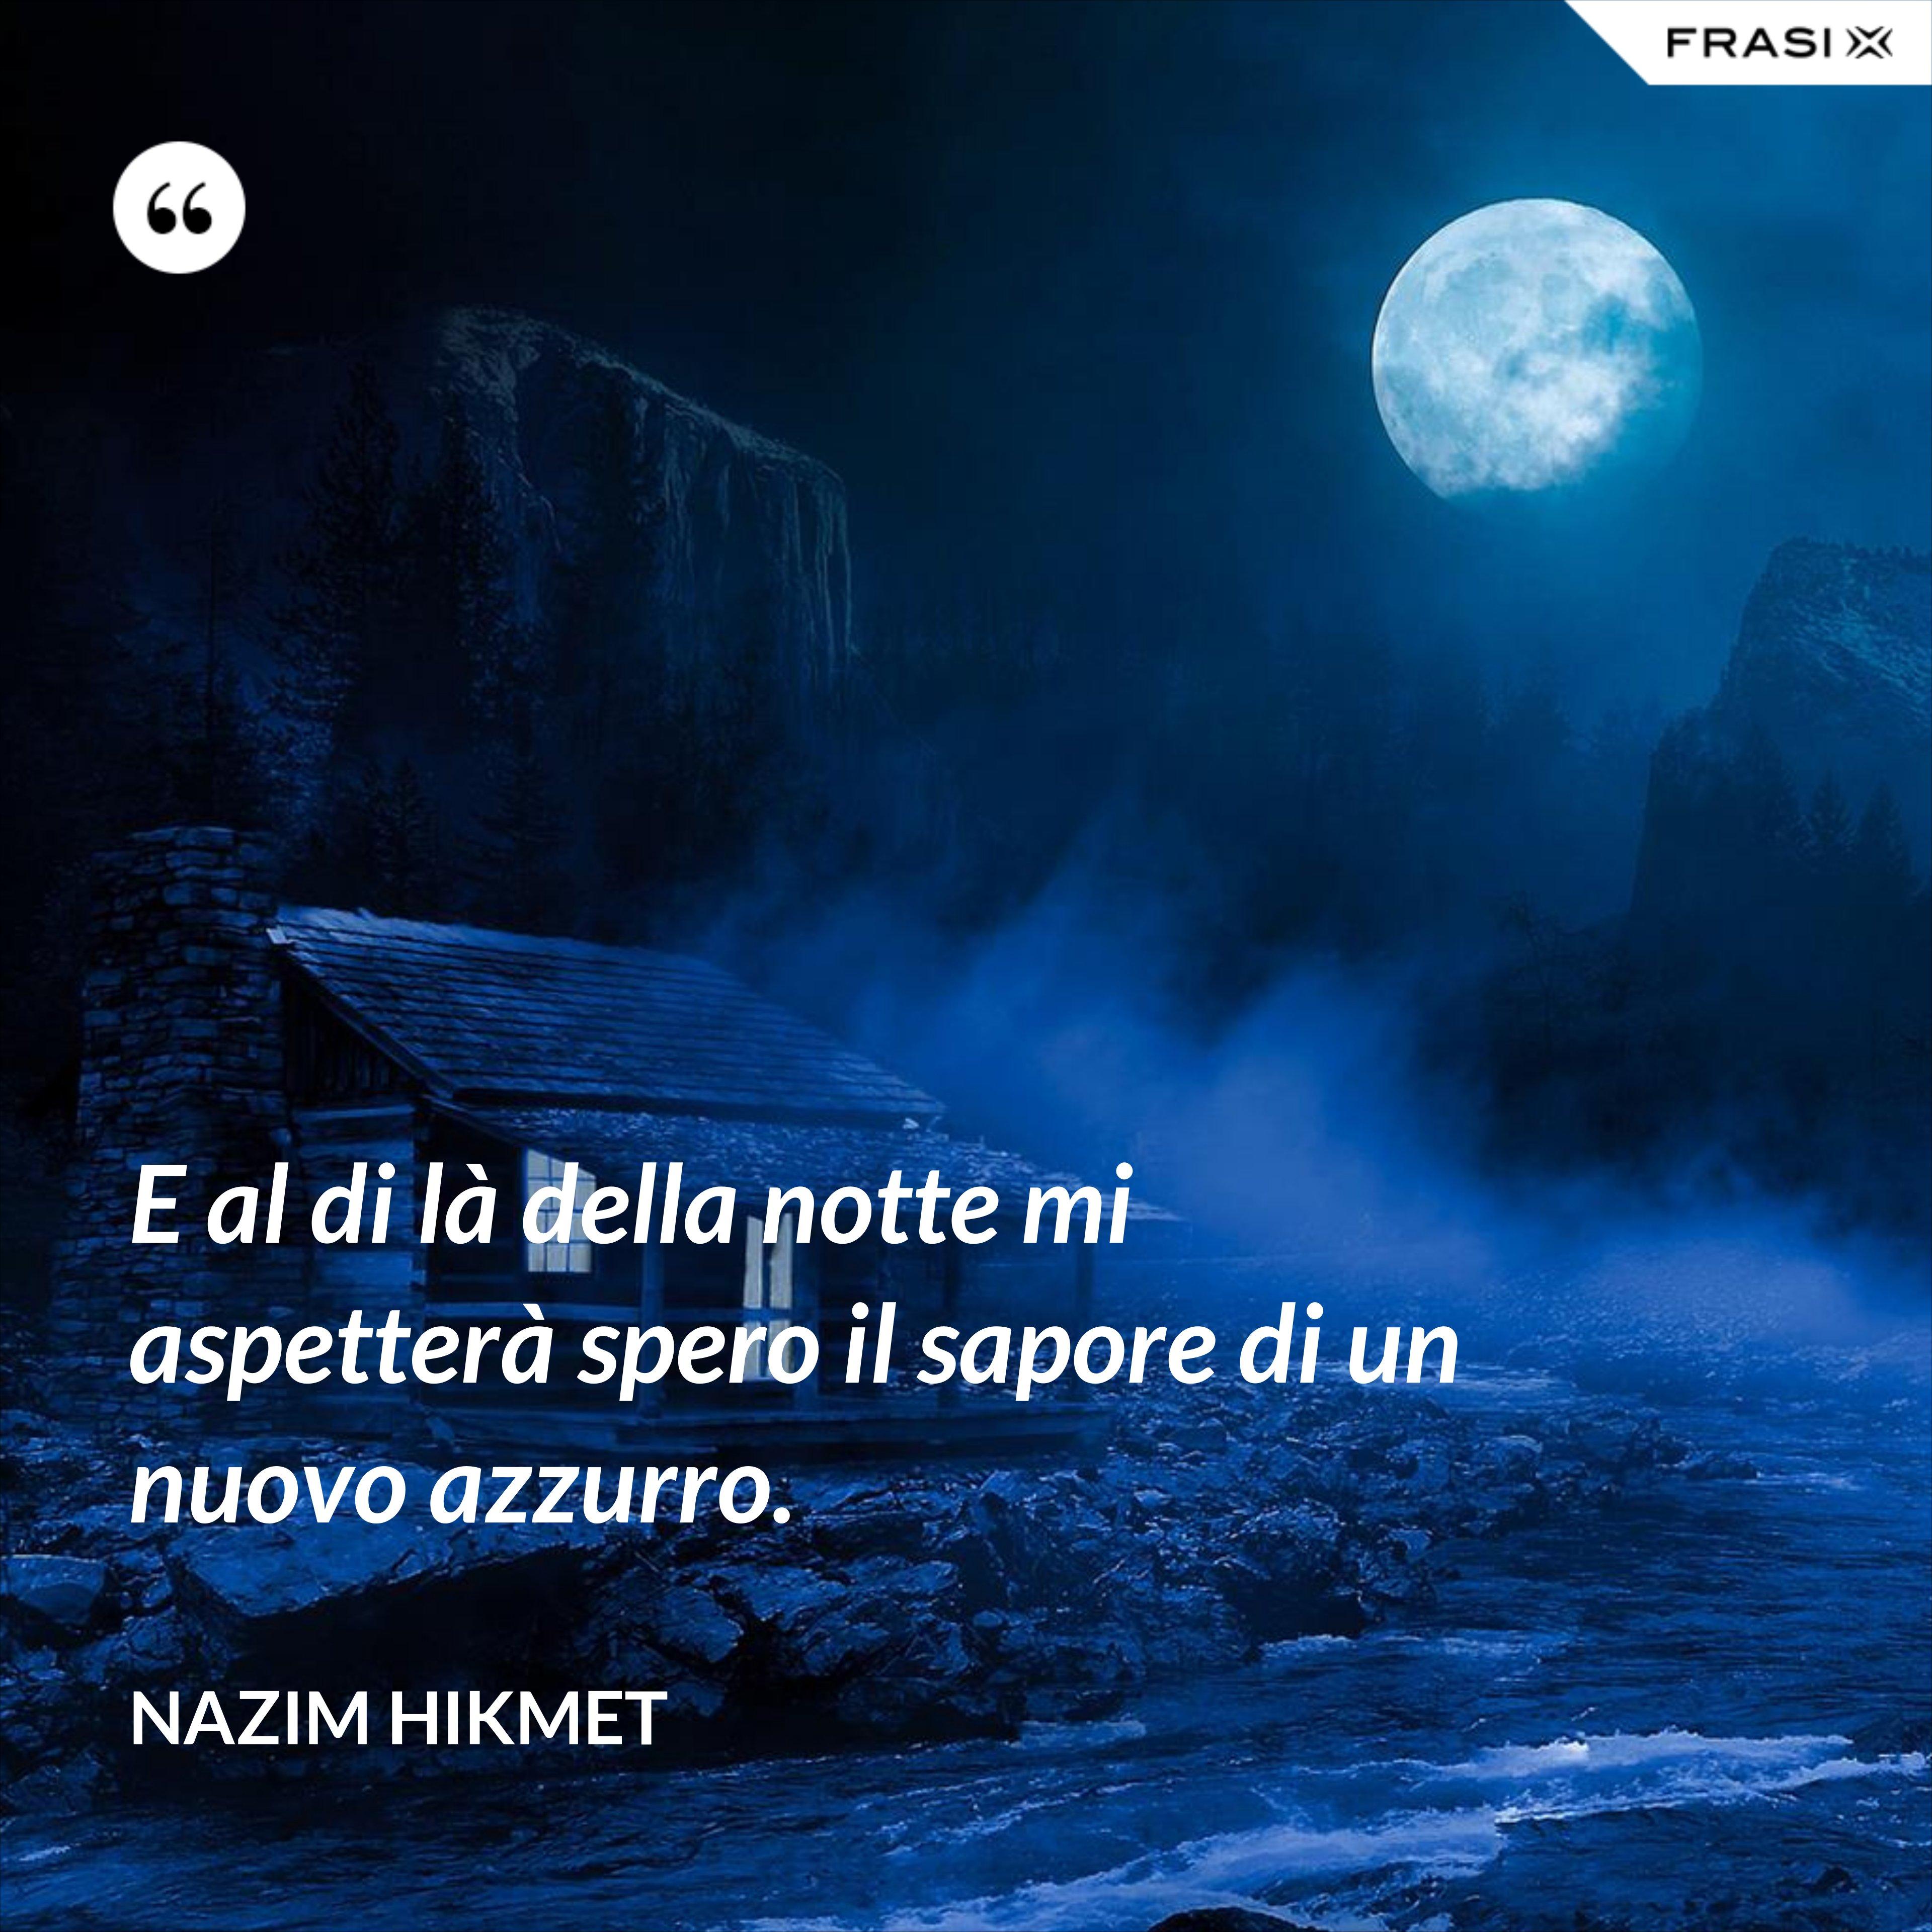 E al di là della notte mi aspetterà spero il sapore di un nuovo azzurro. - Nazim Hikmet